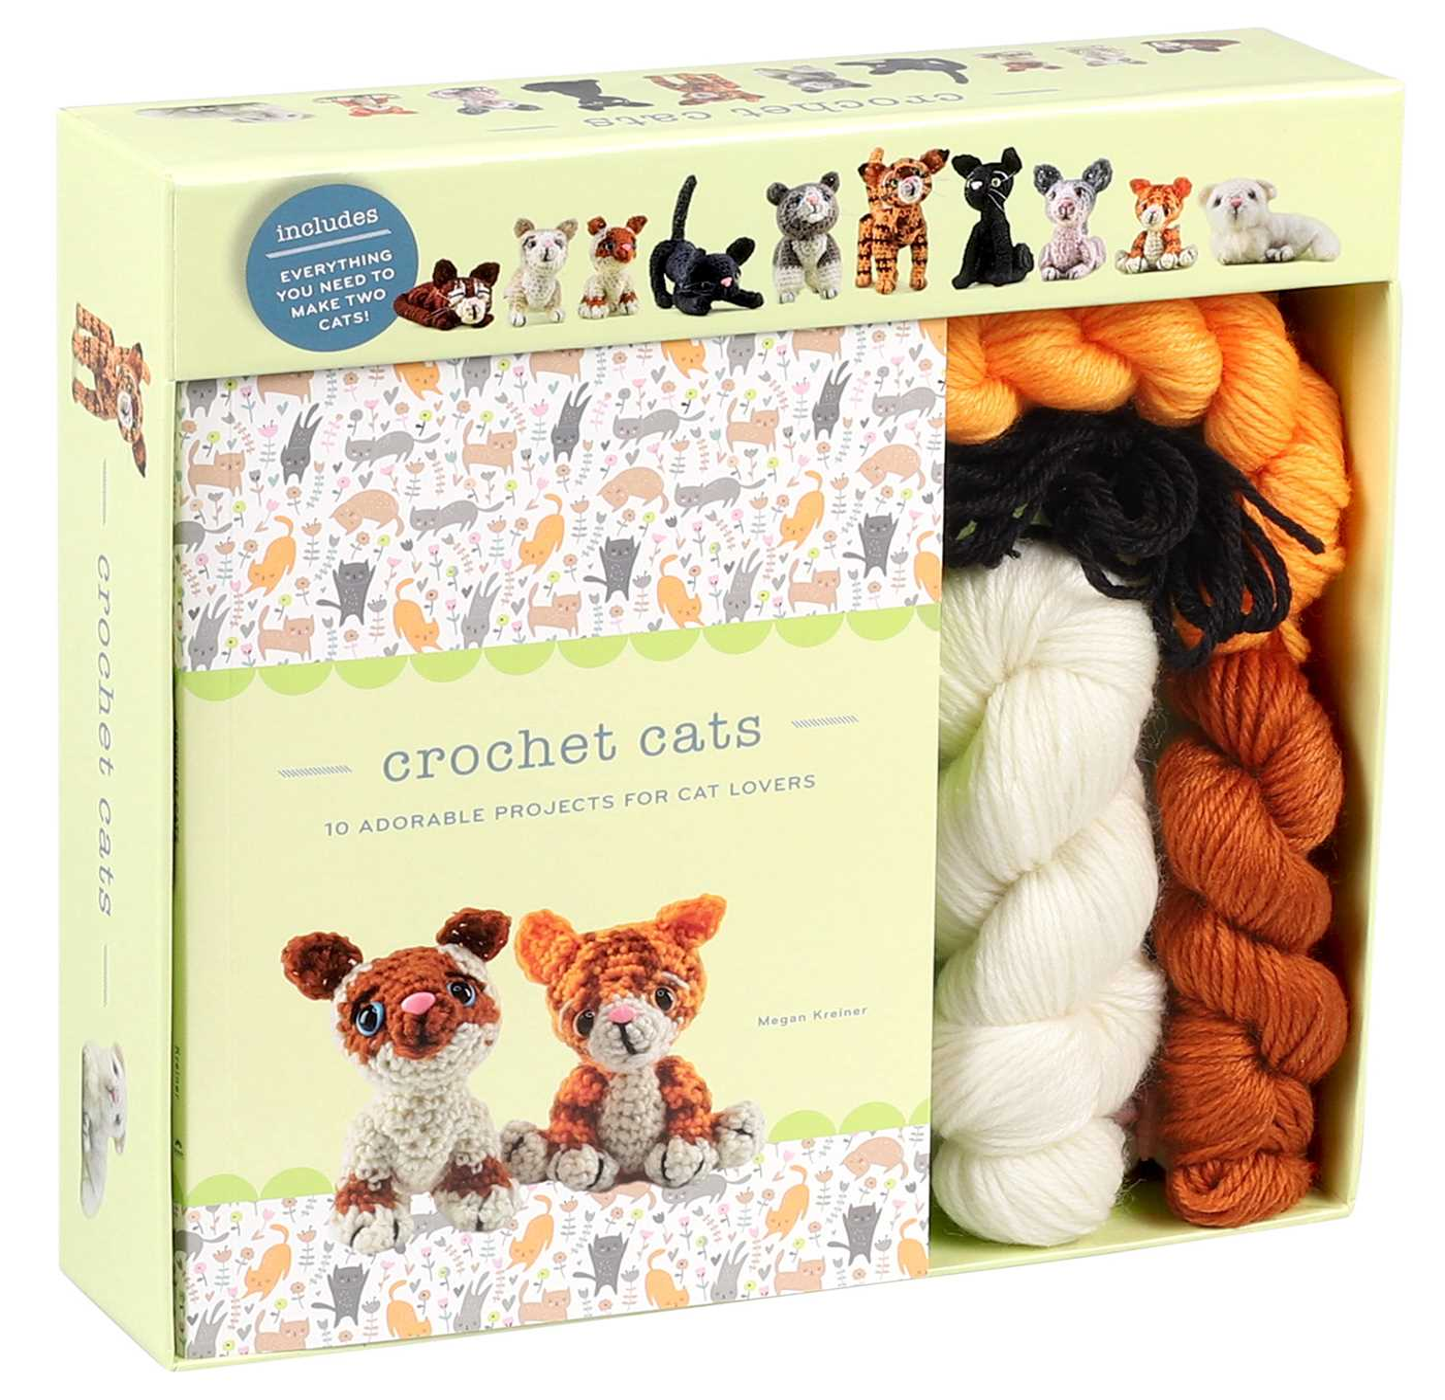 Crochet cats 9781684124961 hr